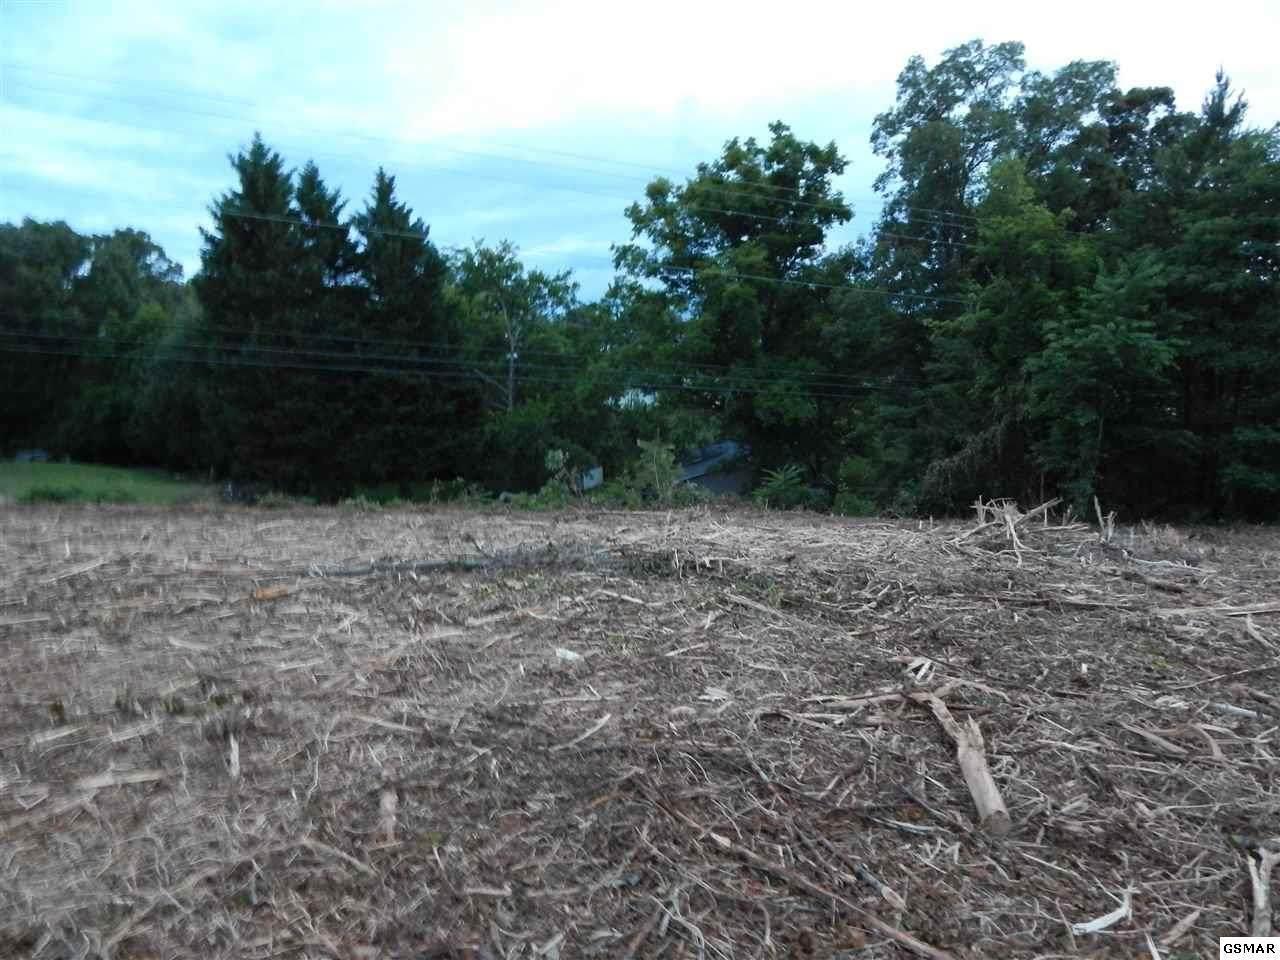 Lot 2 Piney Rd - Lot 2 - Photo 1